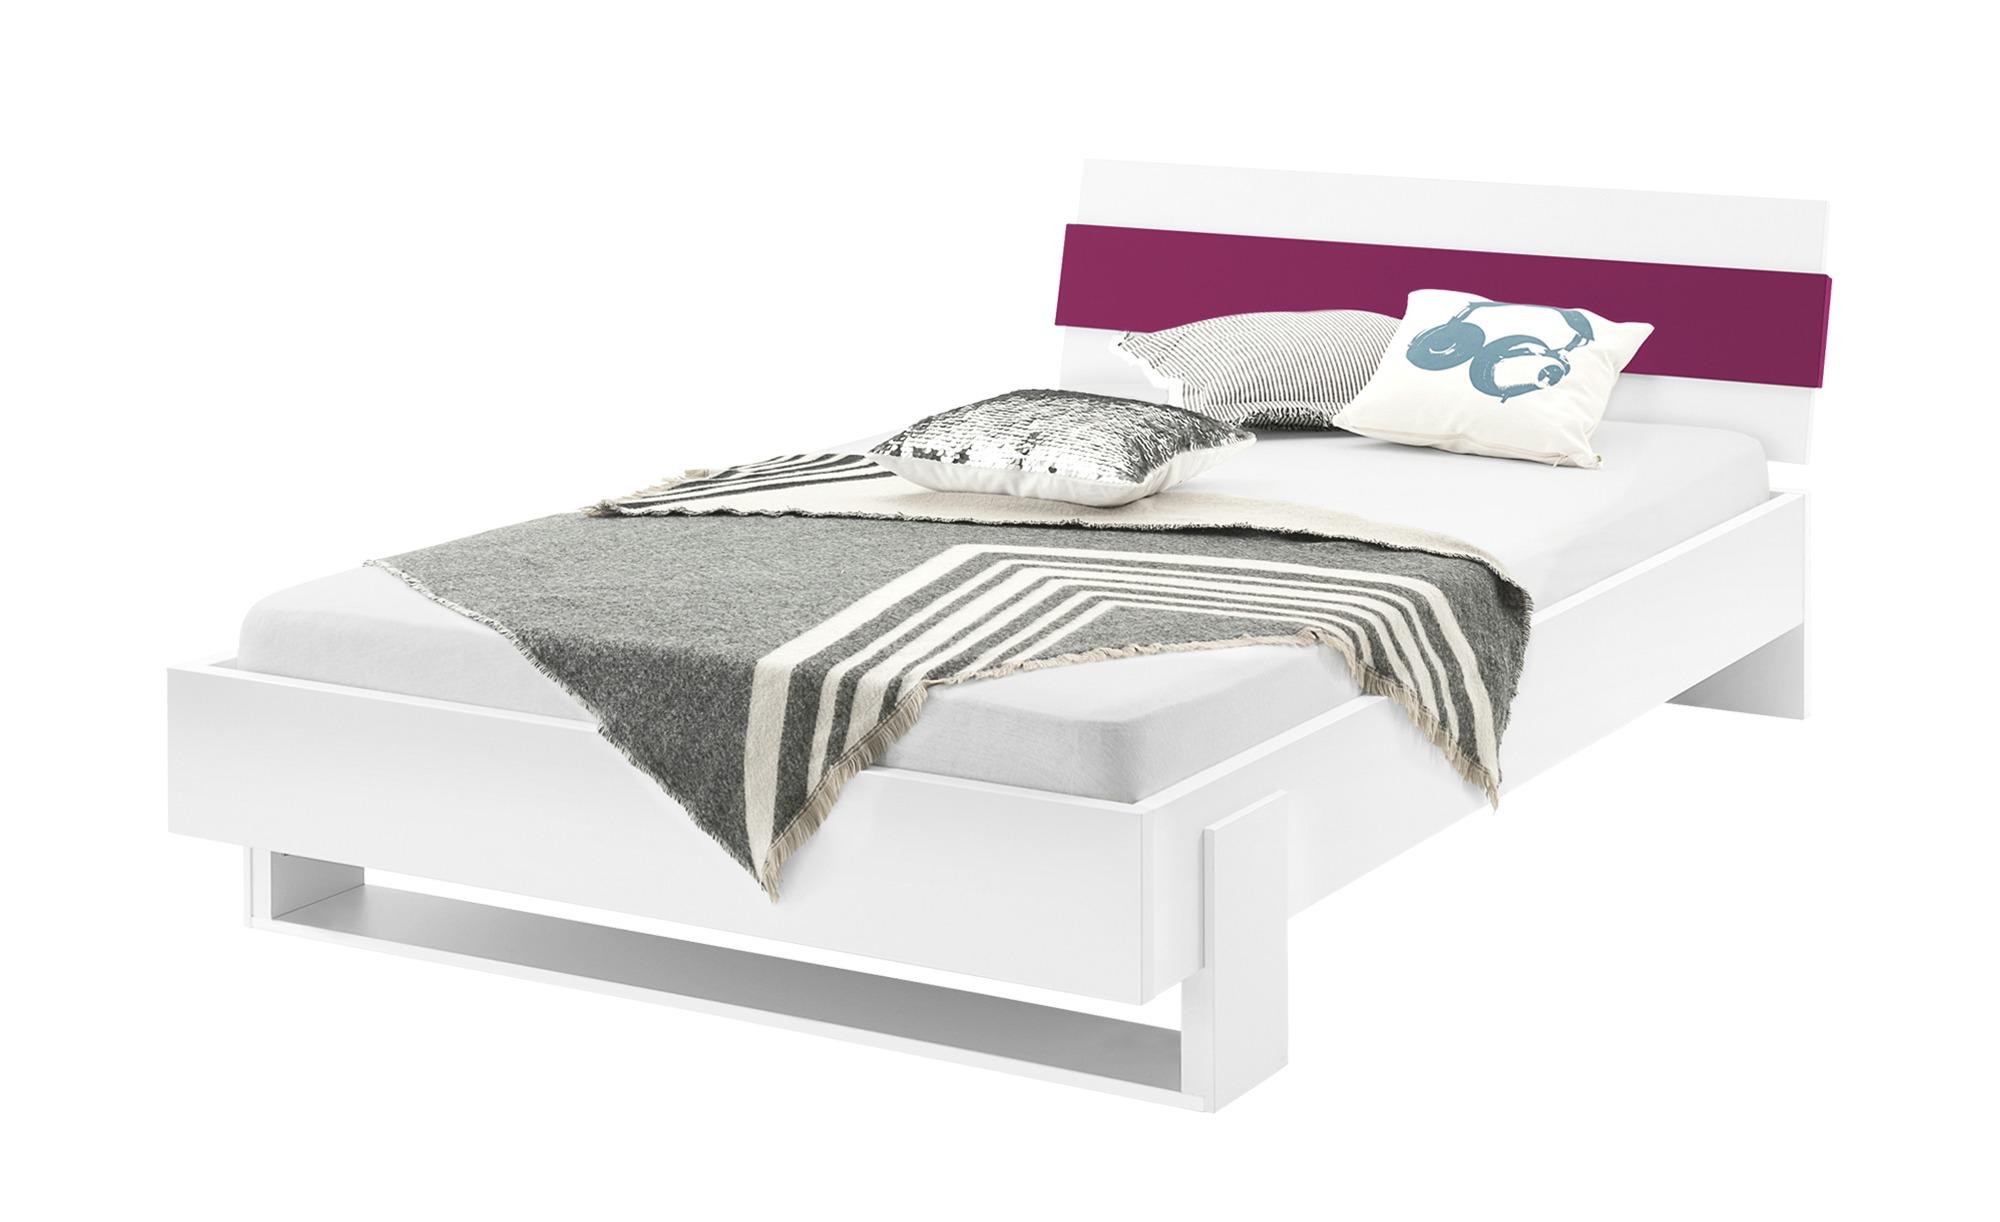 Full Size of Bettgestell Wei Fuchsia Bett 120x200 Mit Matratze Und Lattenrost Betten Bettkasten Weiß Wohnzimmer Bettgestell 120x200